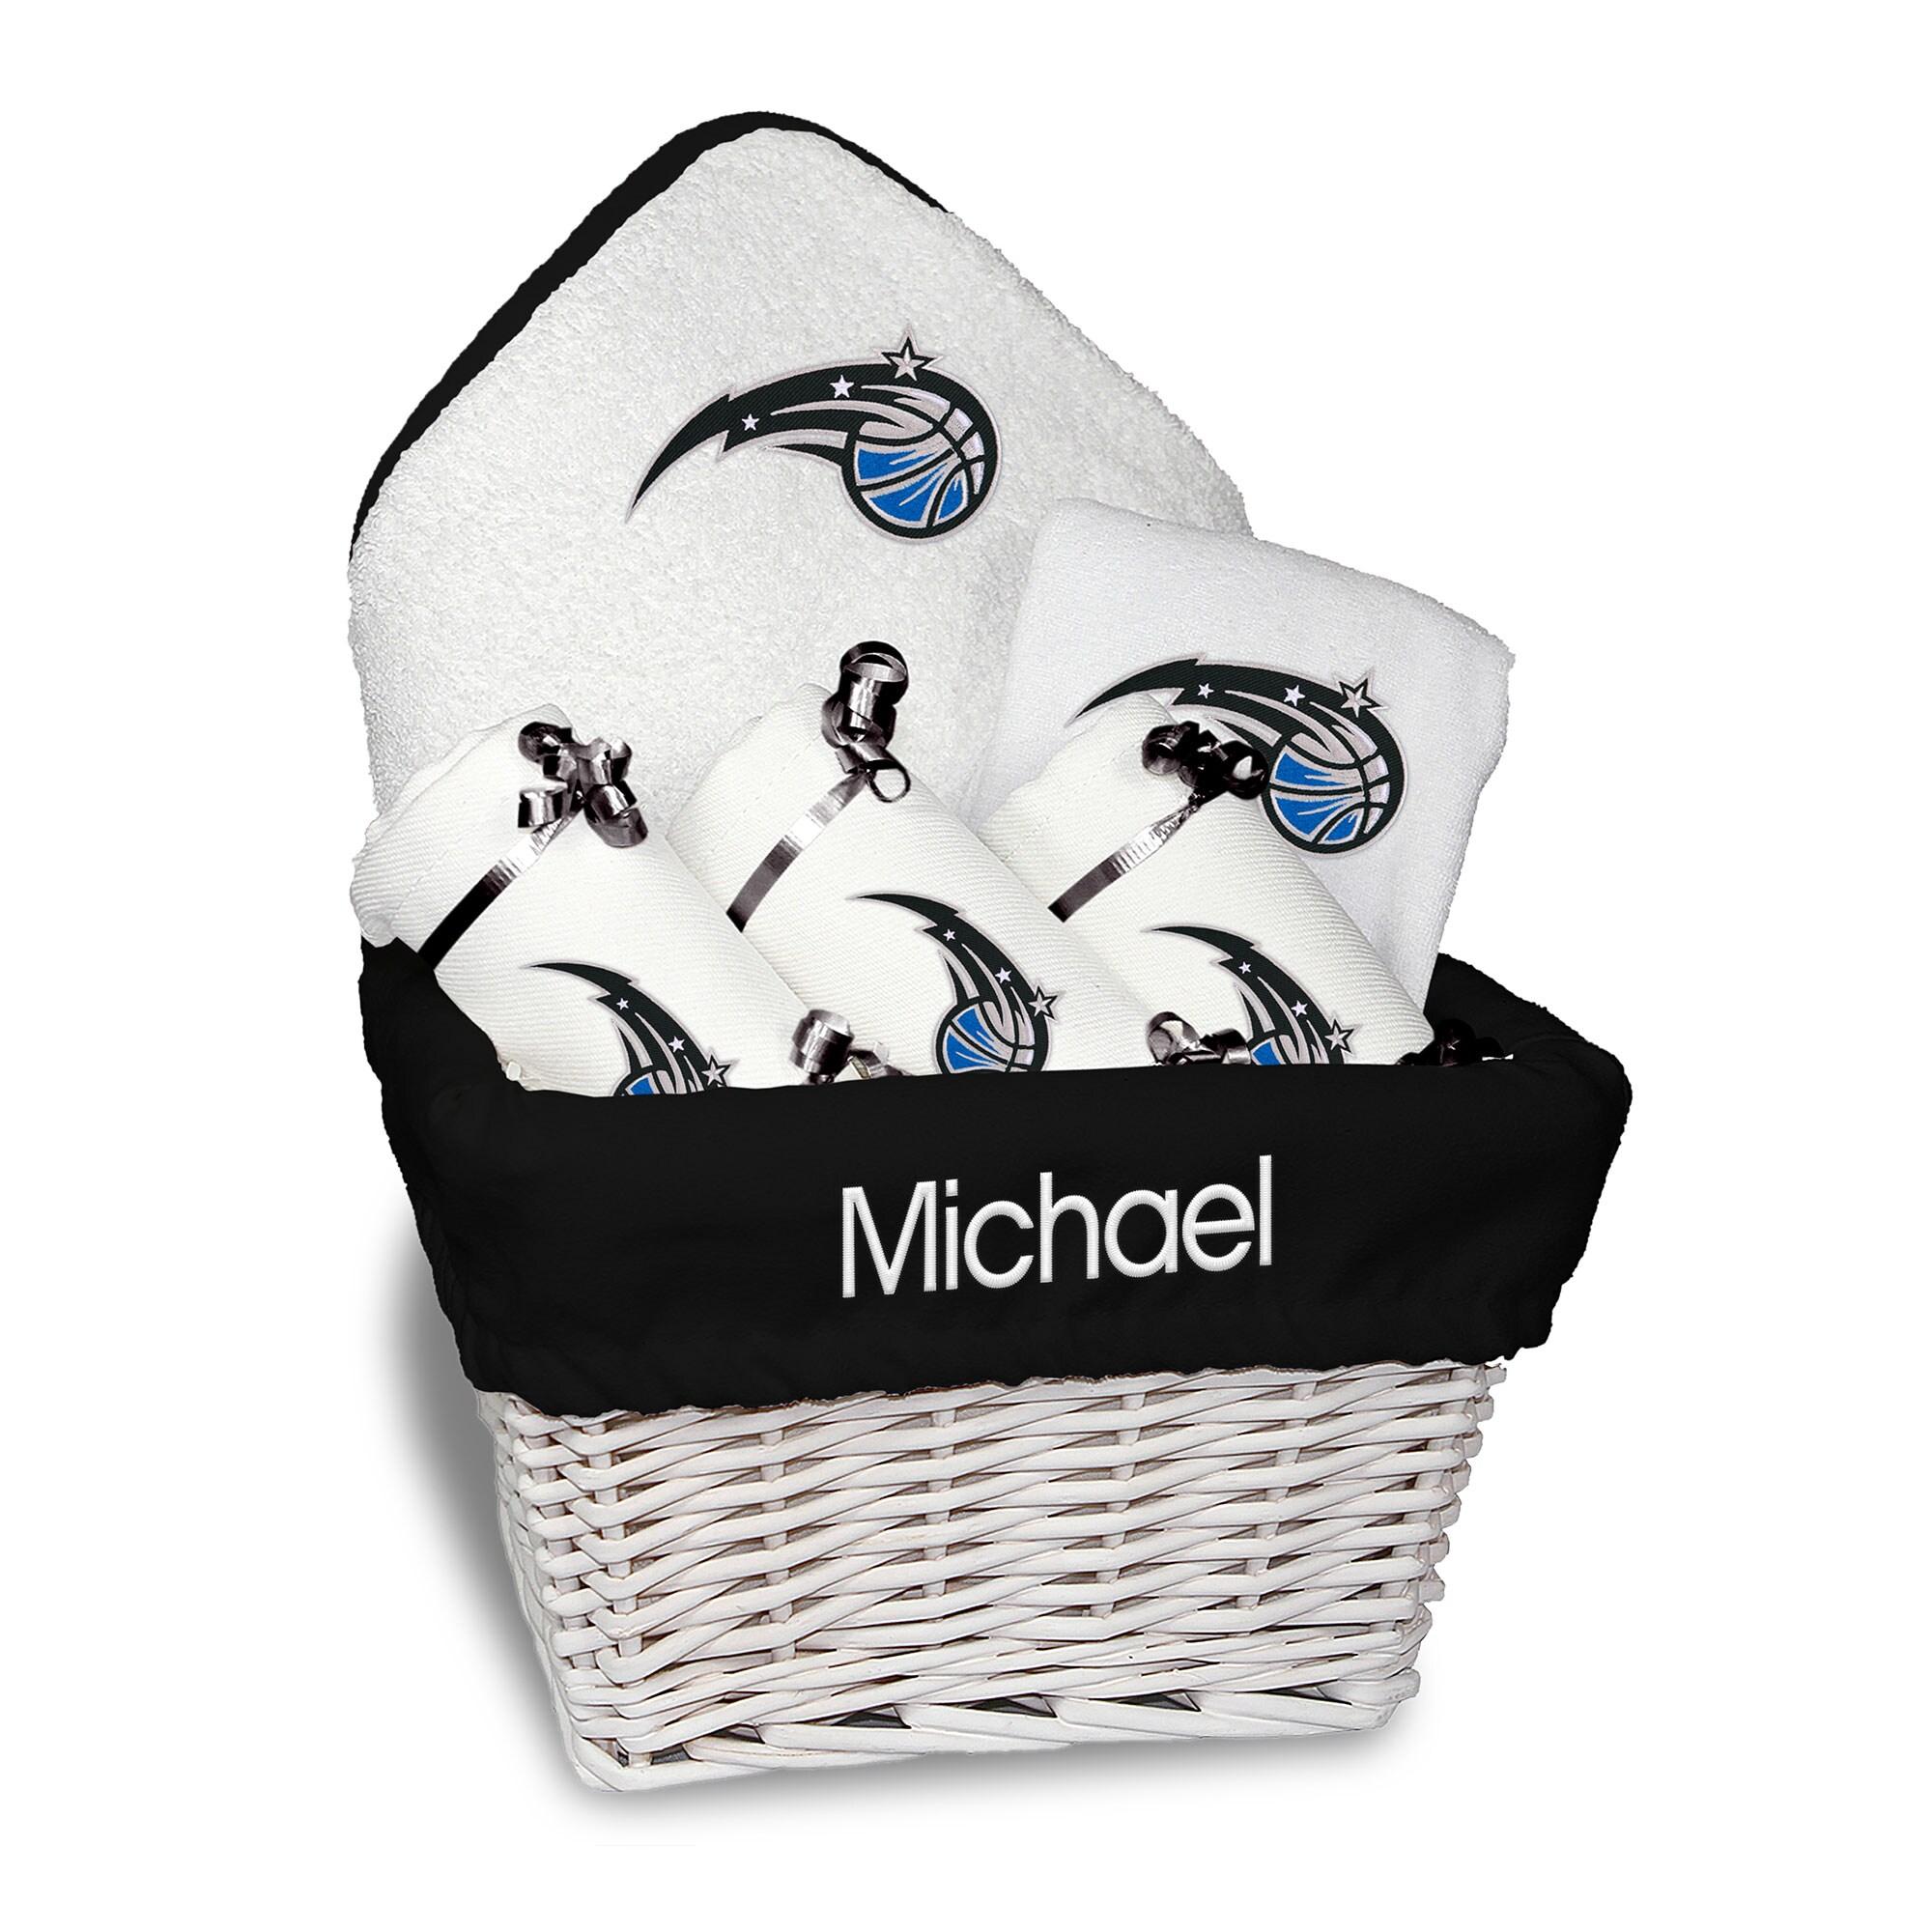 Orlando Magic Newborn & Infant Personalized Medium Gift Basket - White